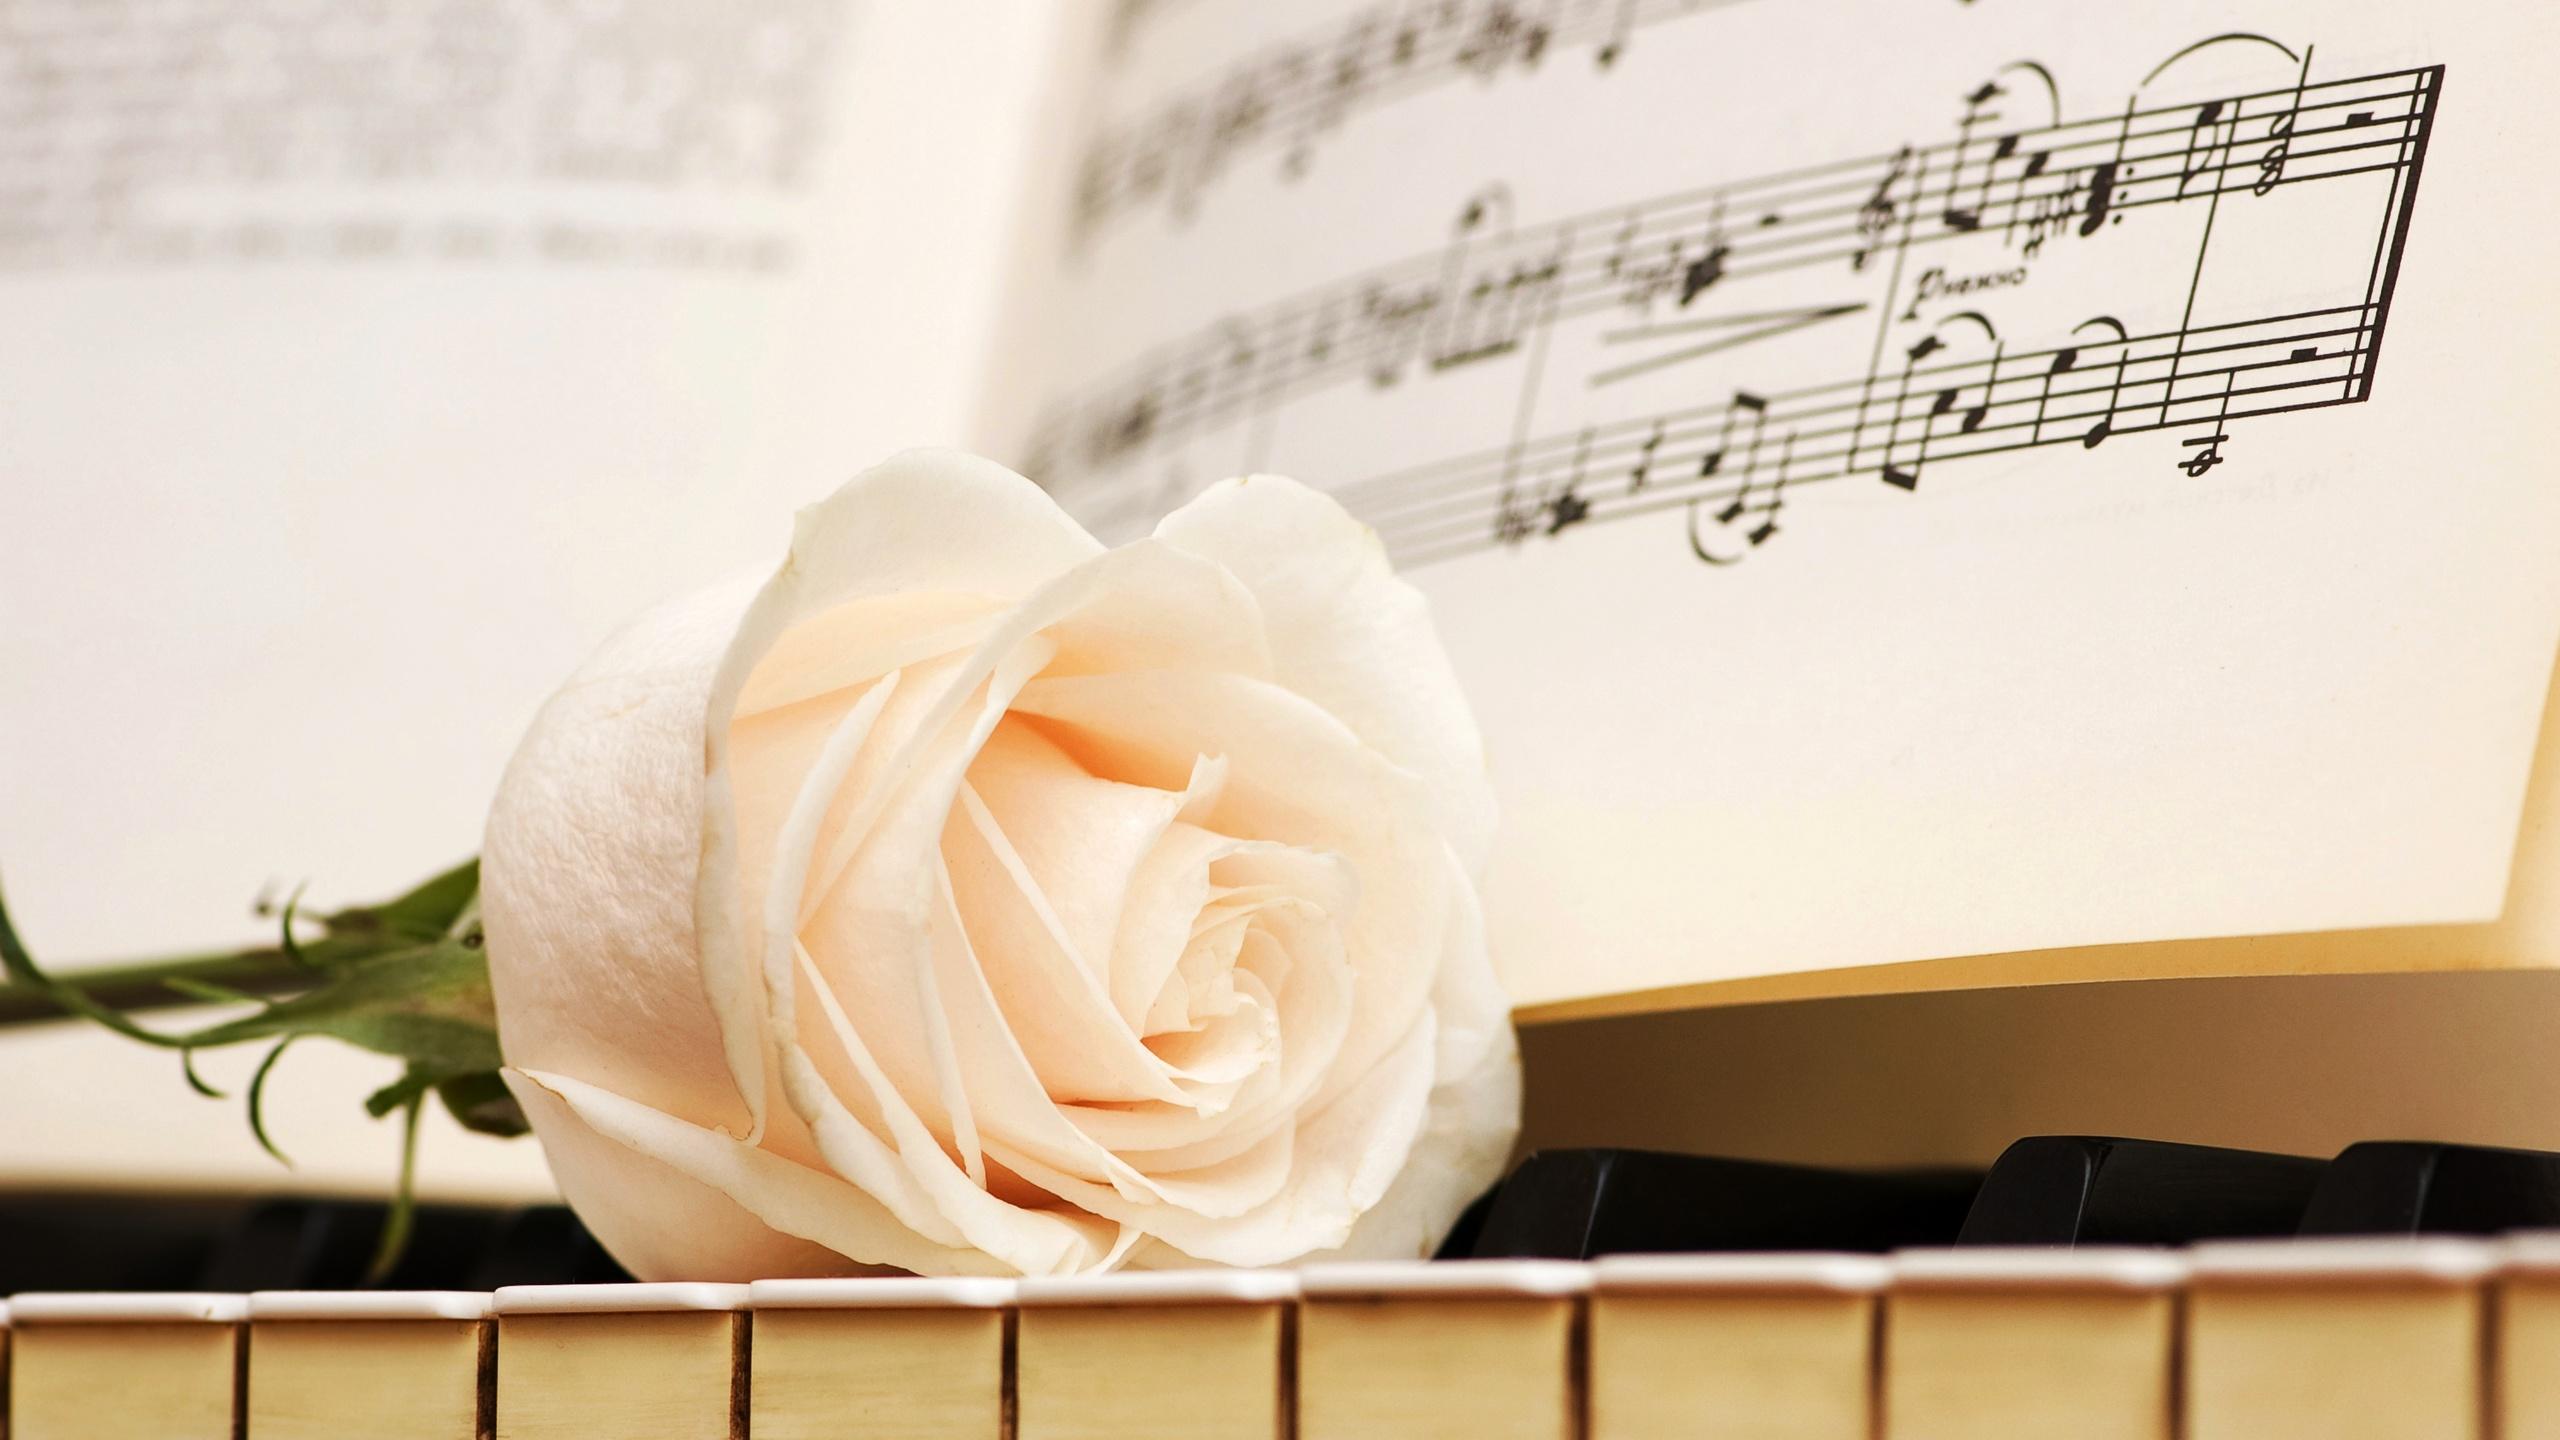 картинка роза и пианино получили